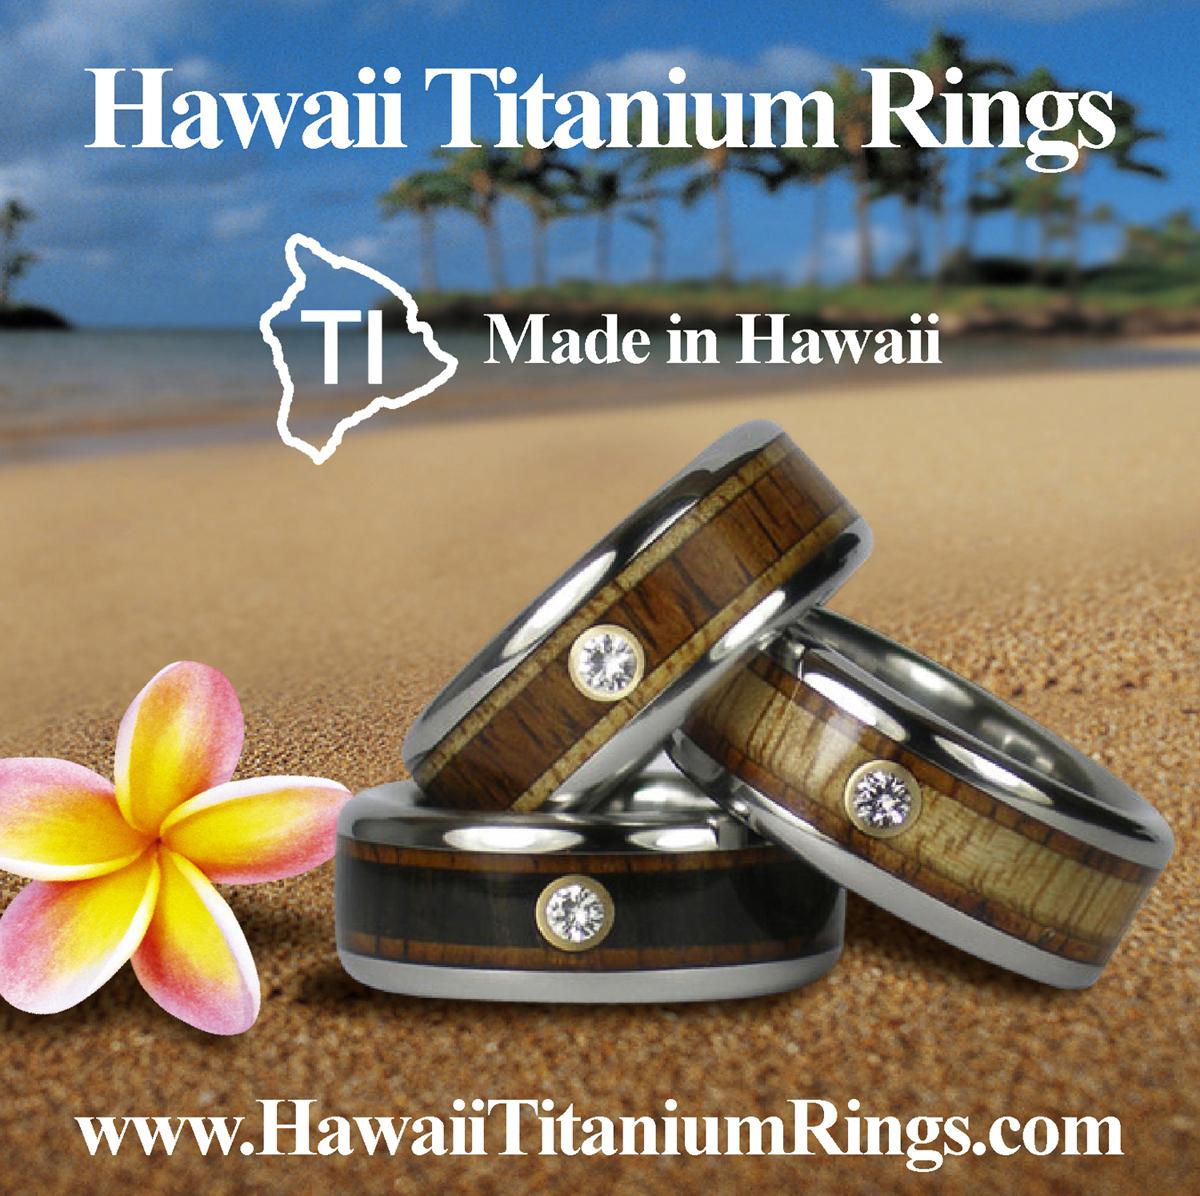 Hawaii Titanium Rings Reviews Kailua Kona HI 62 Reviews